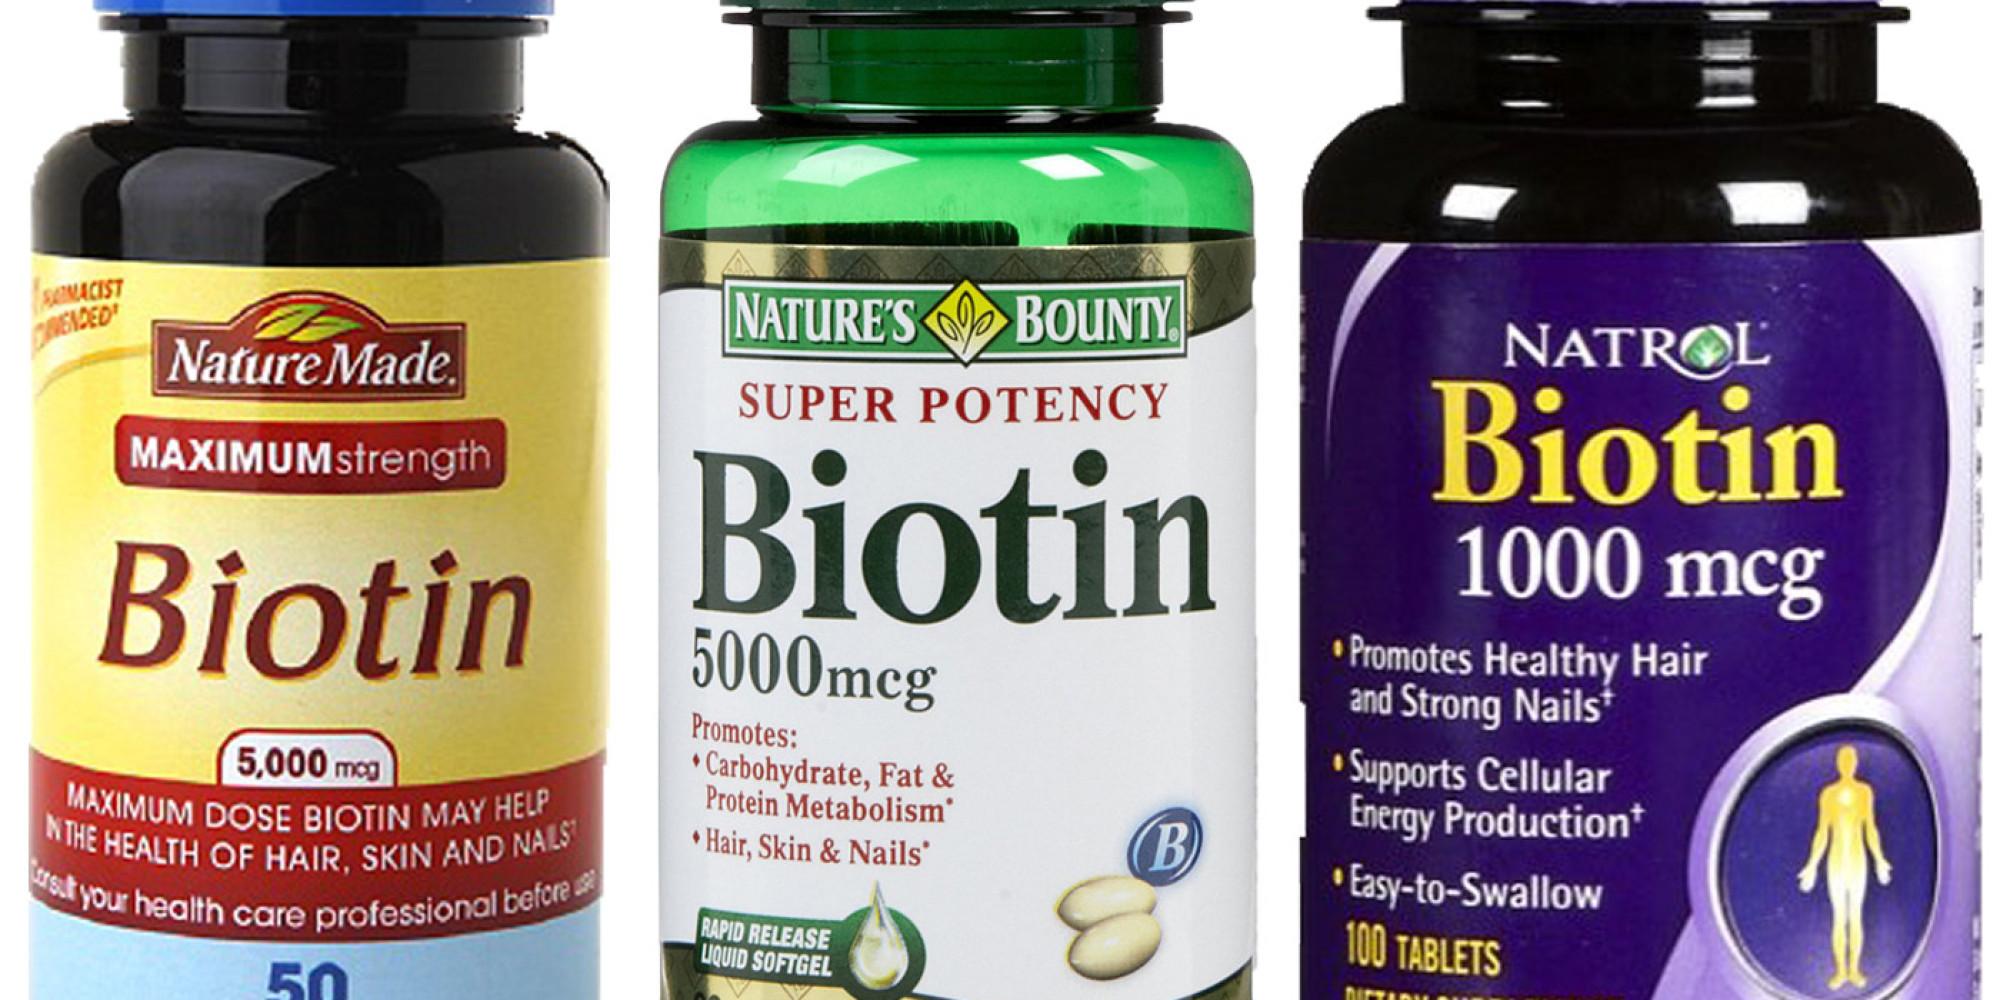 4 Biotin Side Effects The Luxury Spot